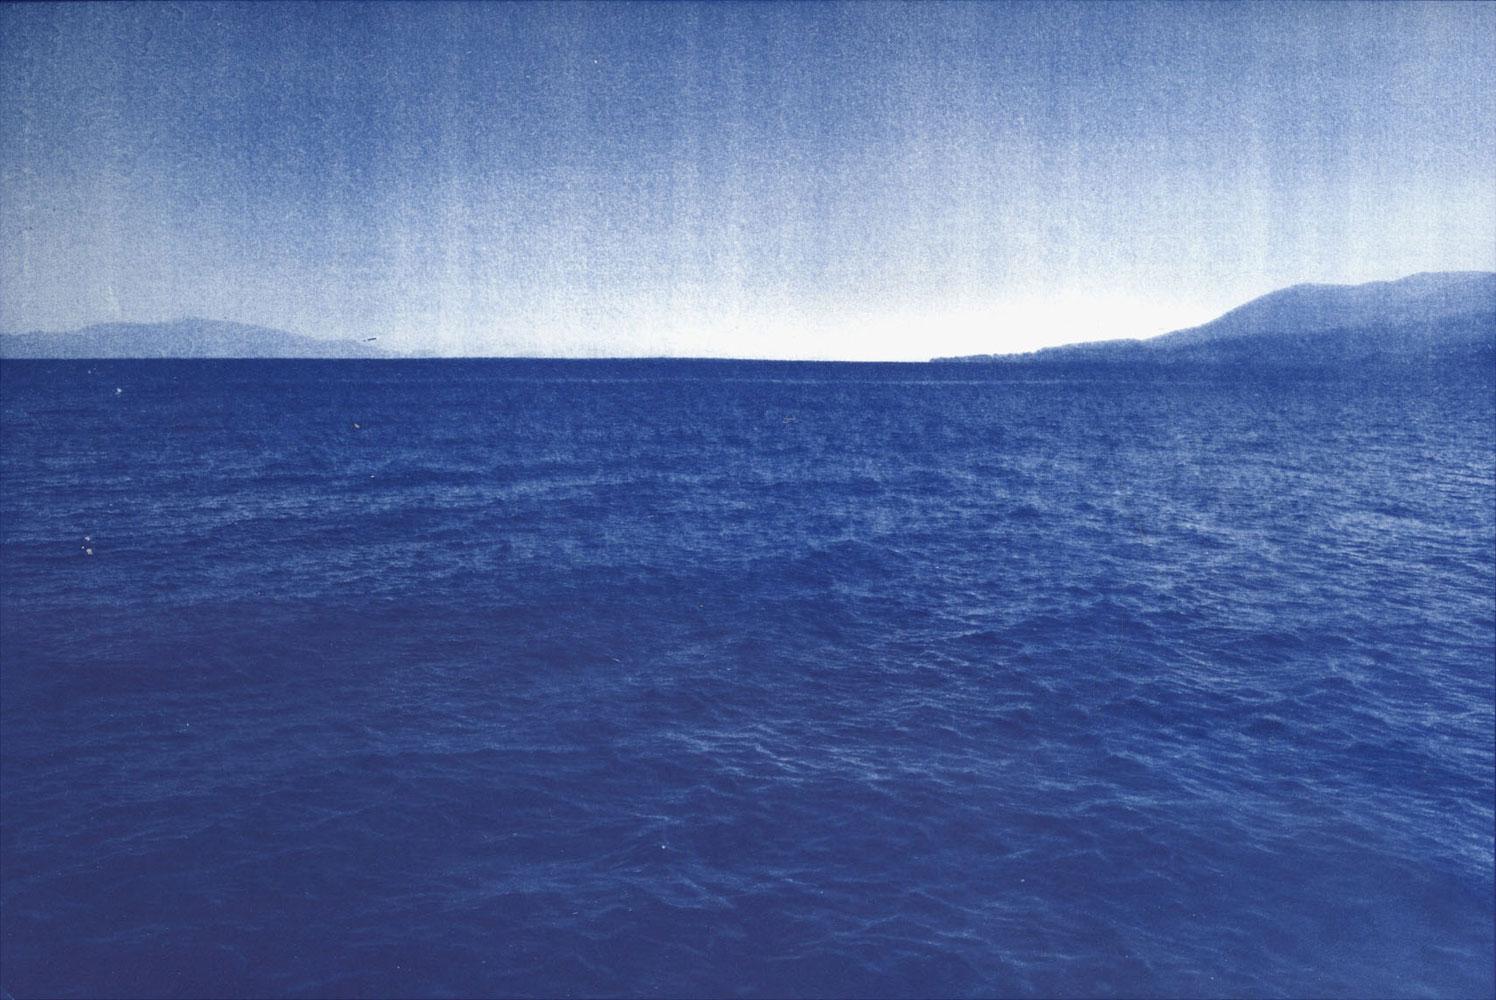 L'autre rive, © Emeric Lhuisset (France), Mention Reportage Leica, The Grand Prix Images Vevey